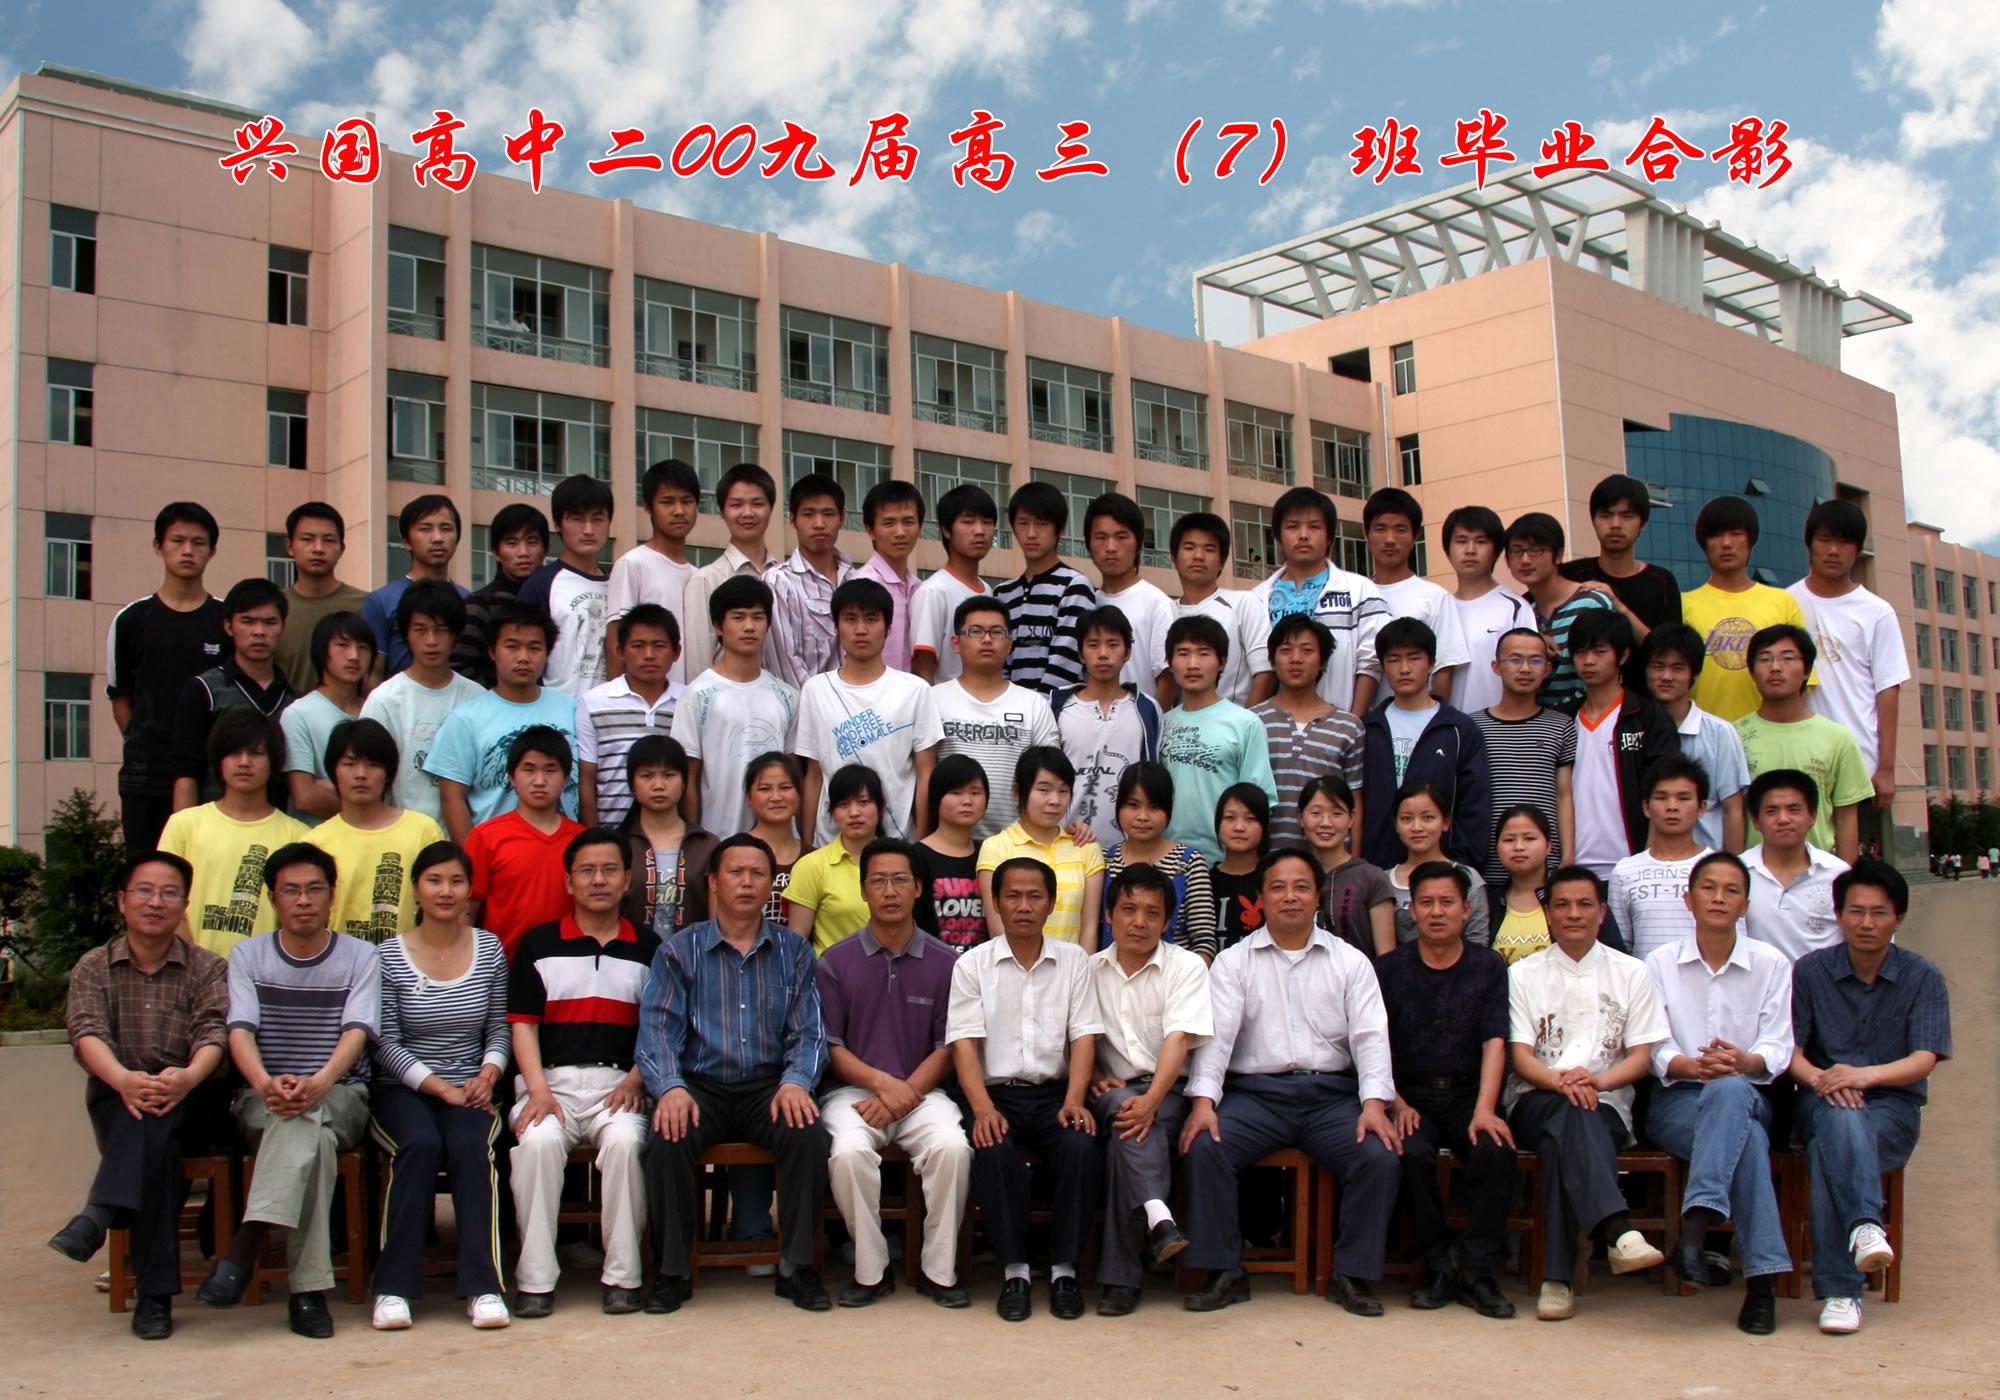 2009届三(7)班同学